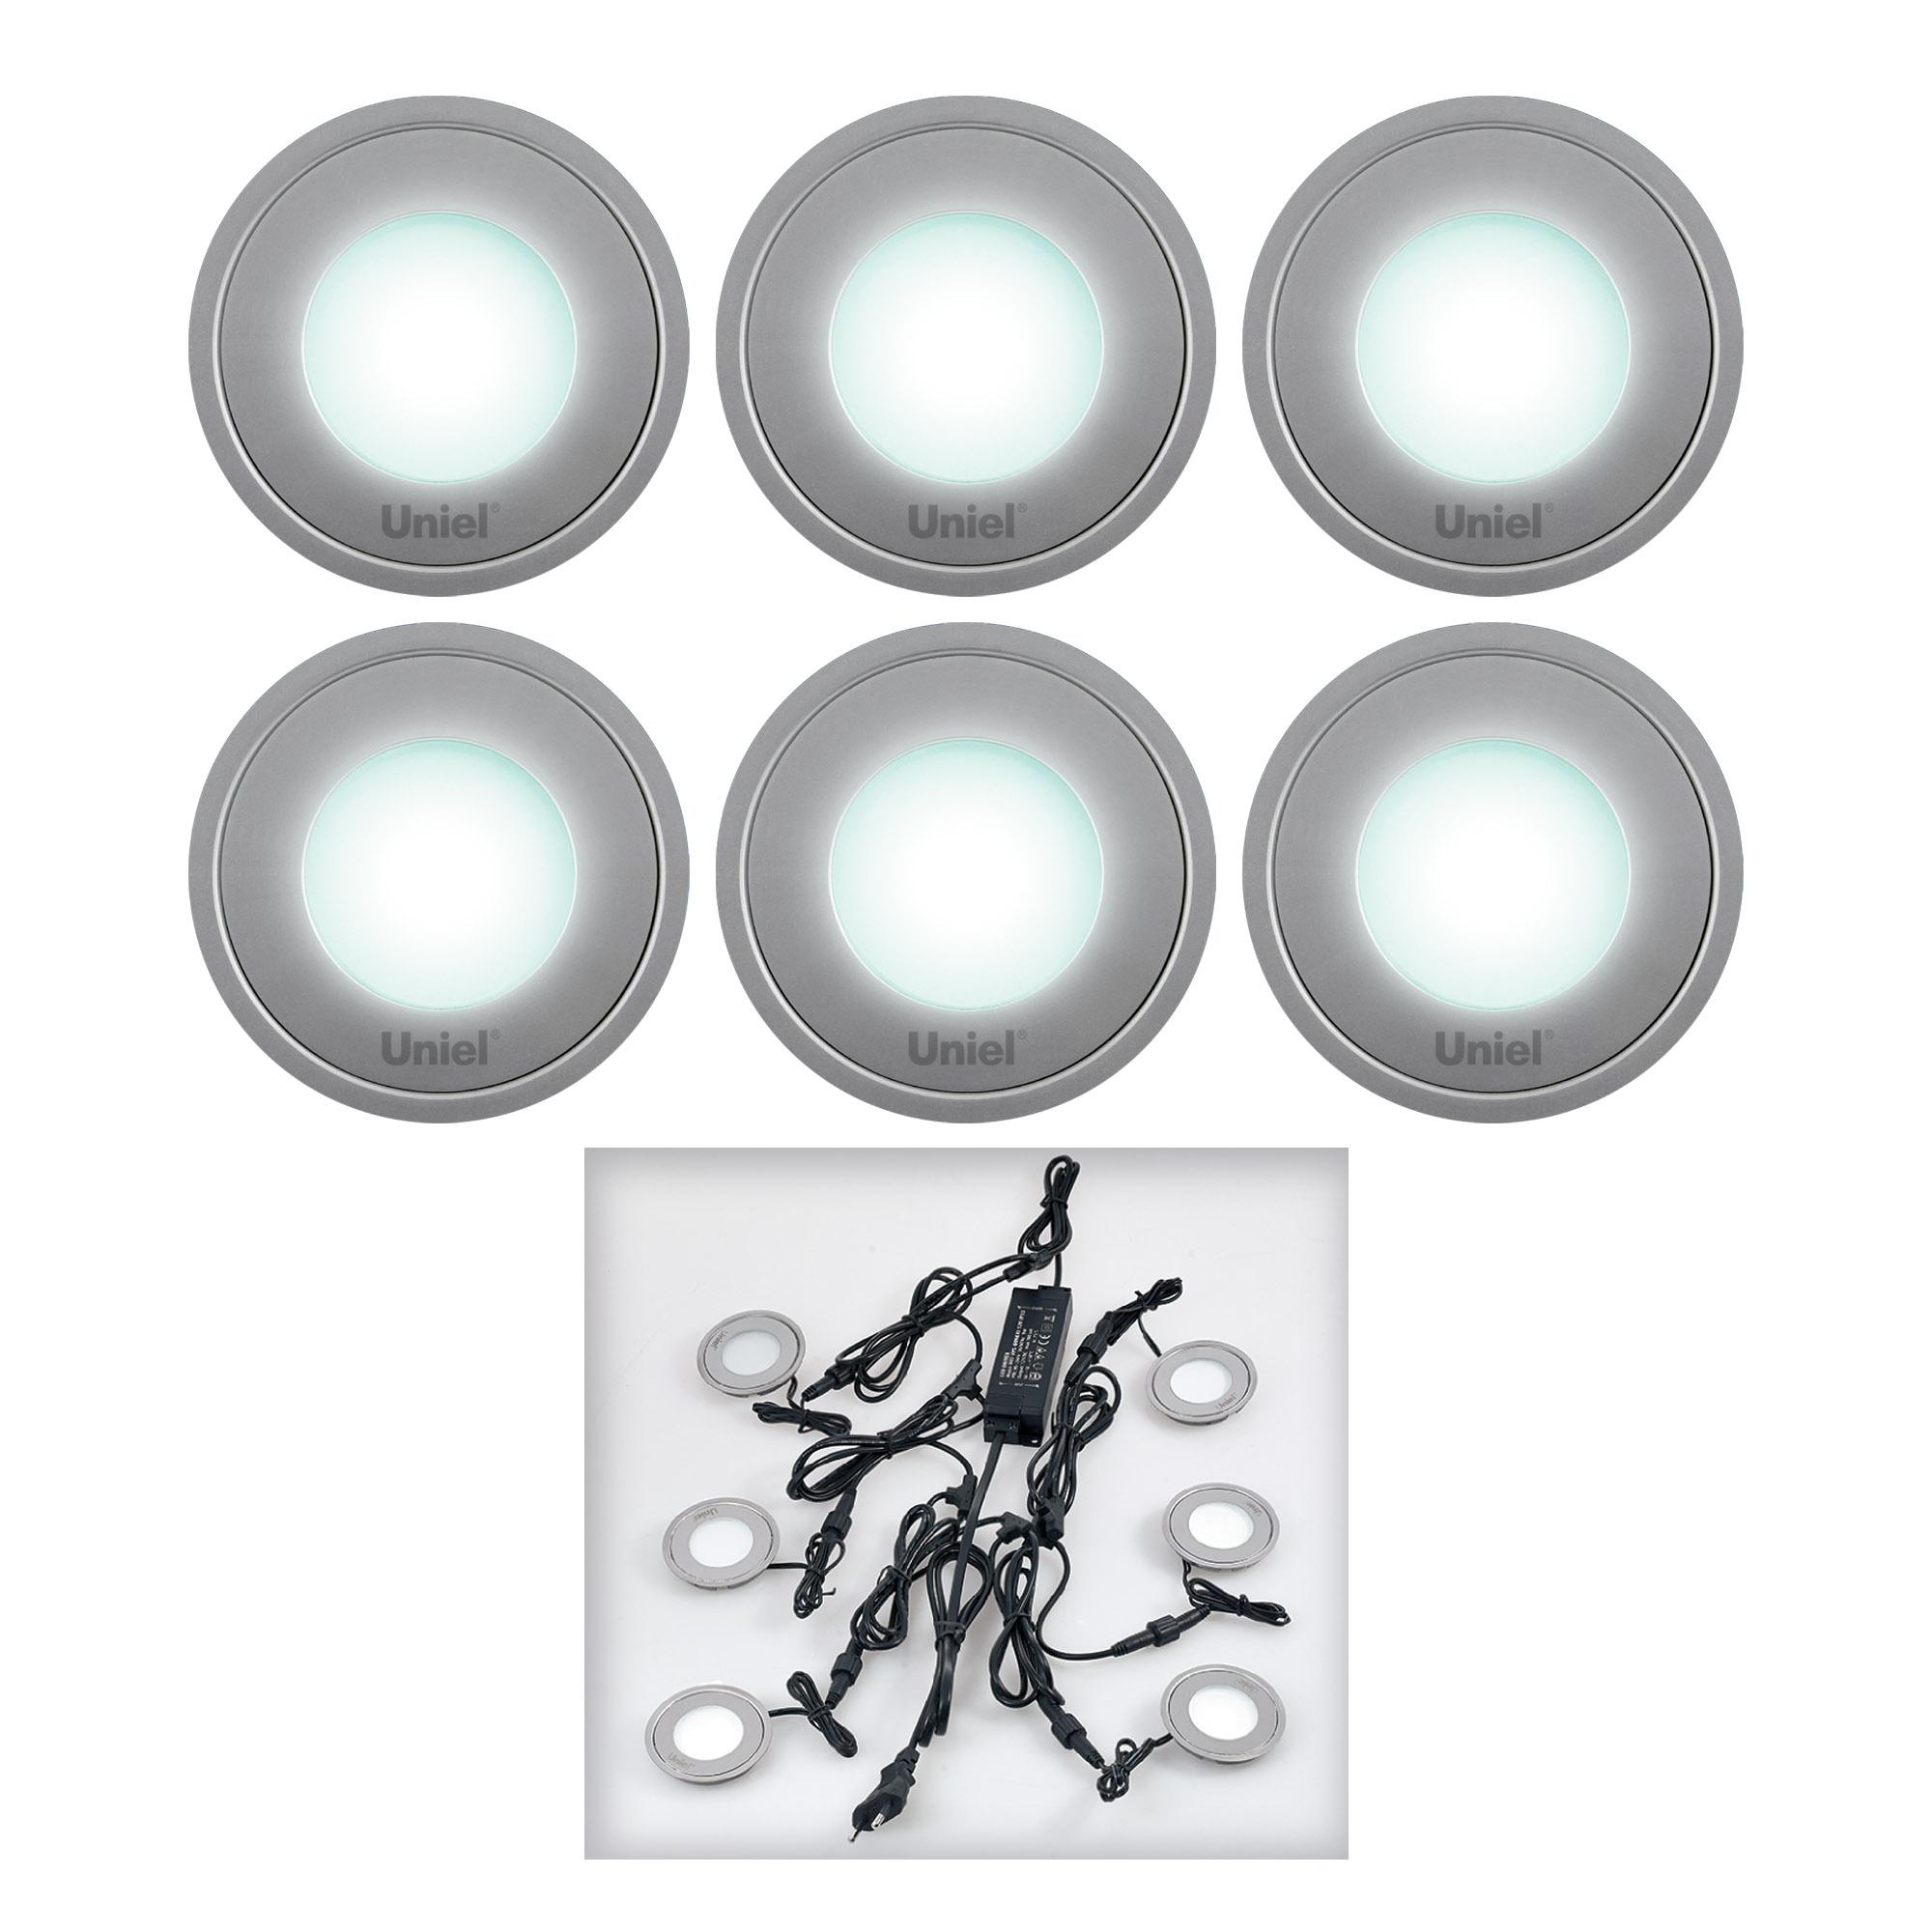 Светильник встраиваемый Uniel Ulm-r06-0,5w*6/nw ip67 silver